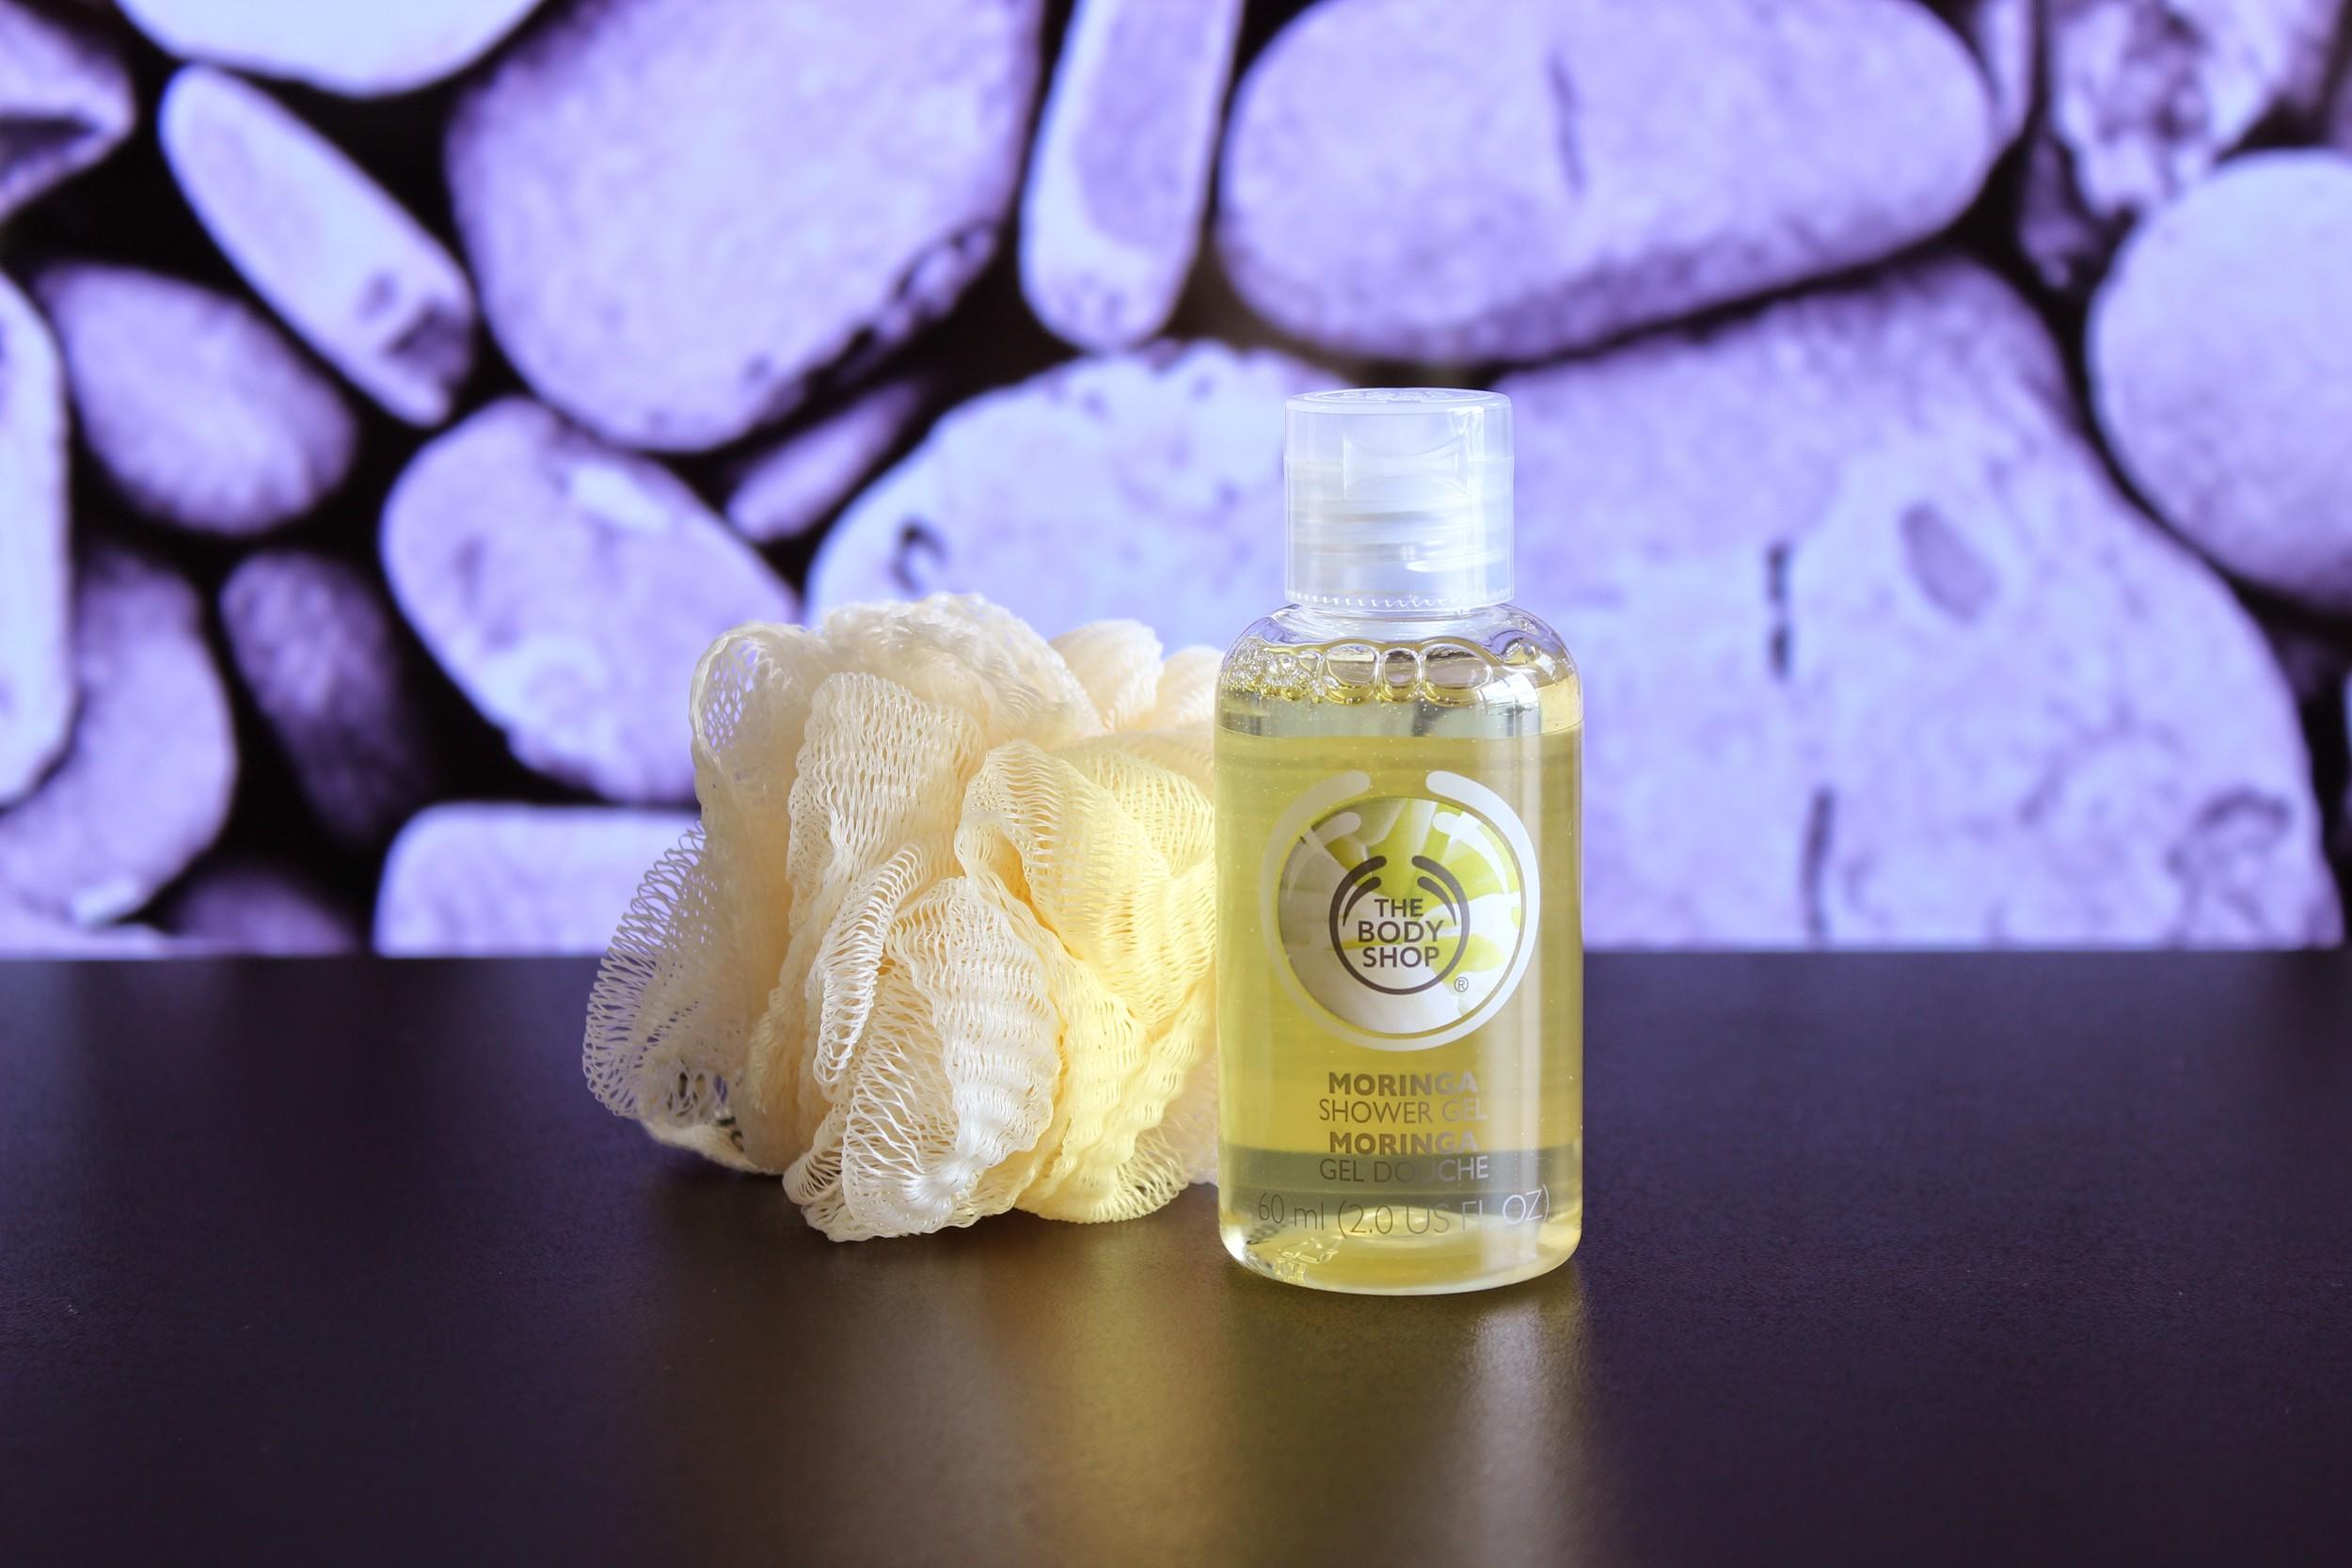 Sabonete líquido Moringa + Esponjinha do Kit The Body Shop- Foto por Bruno França